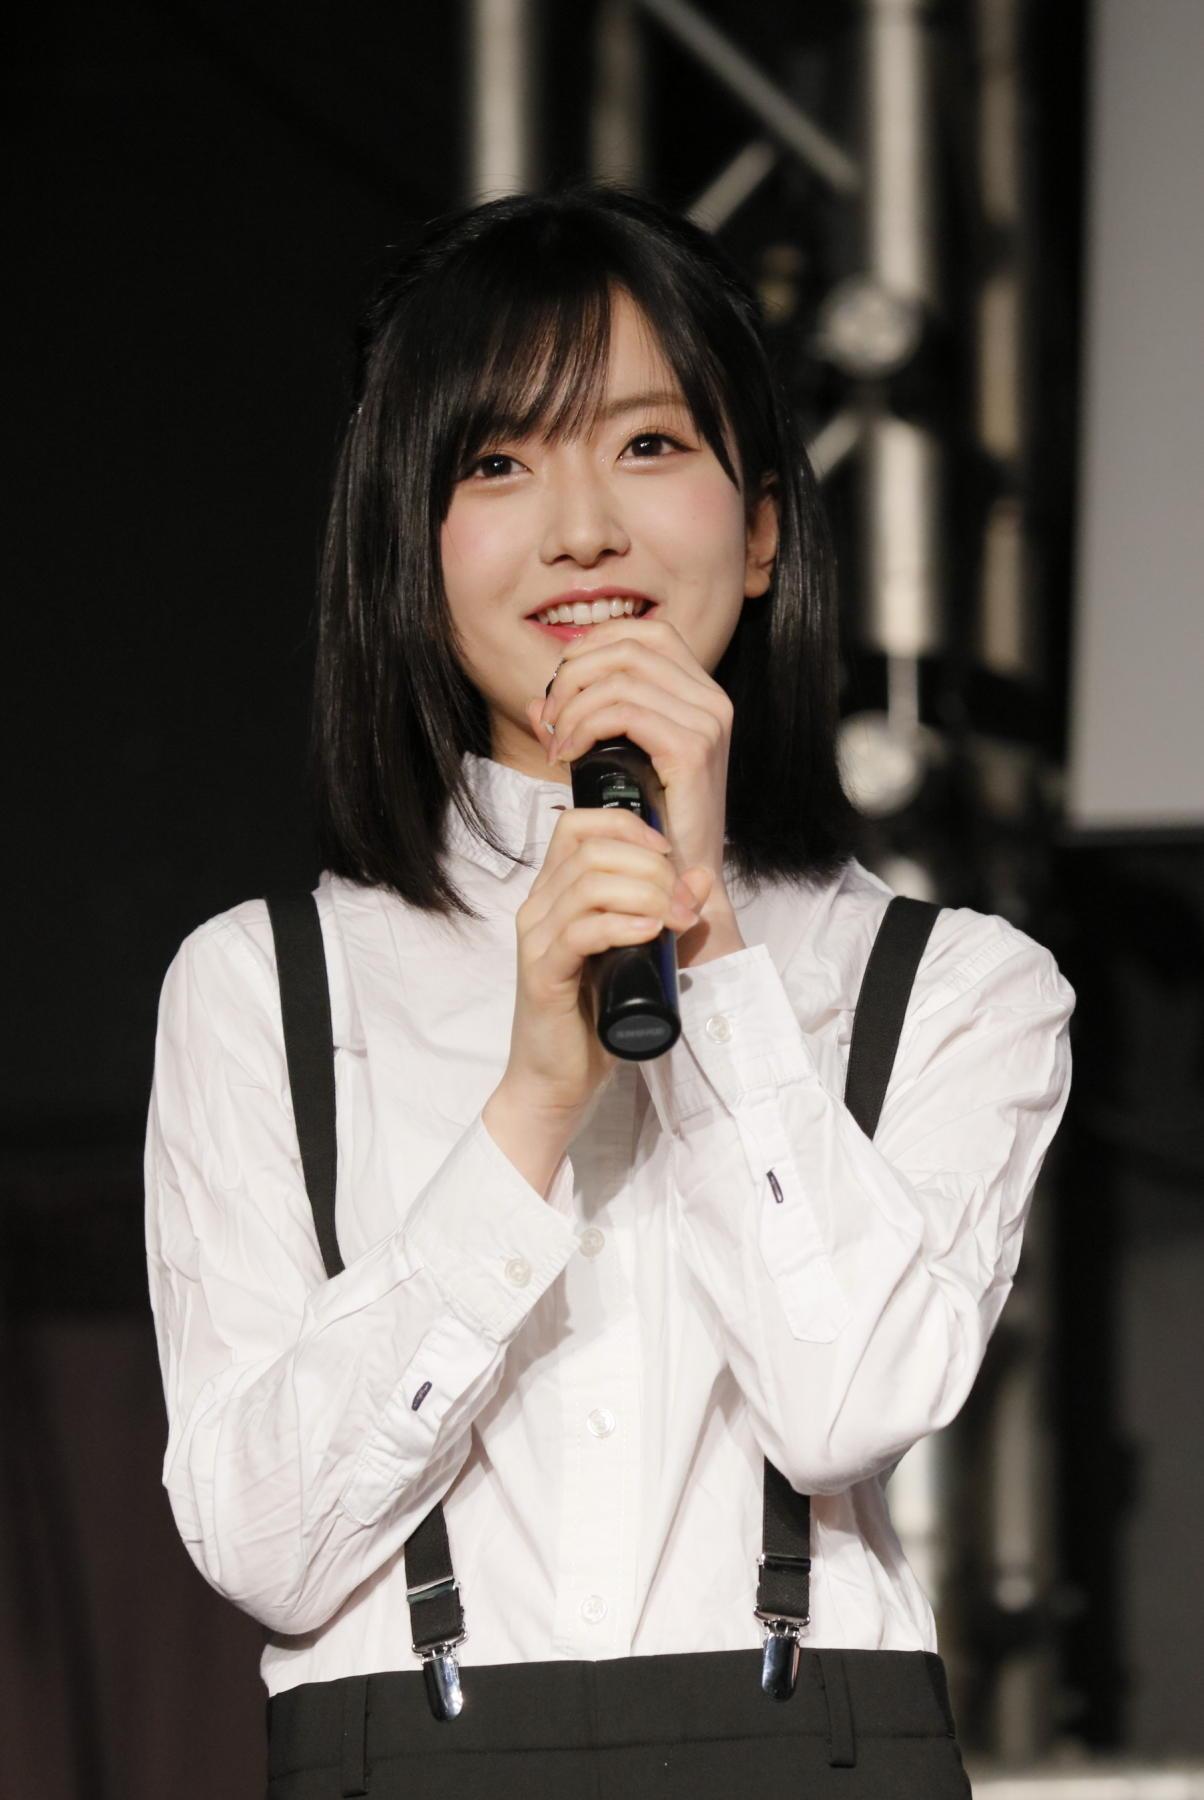 http://news.yoshimoto.co.jp/20180211000428-838a59877bd8dc0b445da860573f42b3eeb7341a.jpg